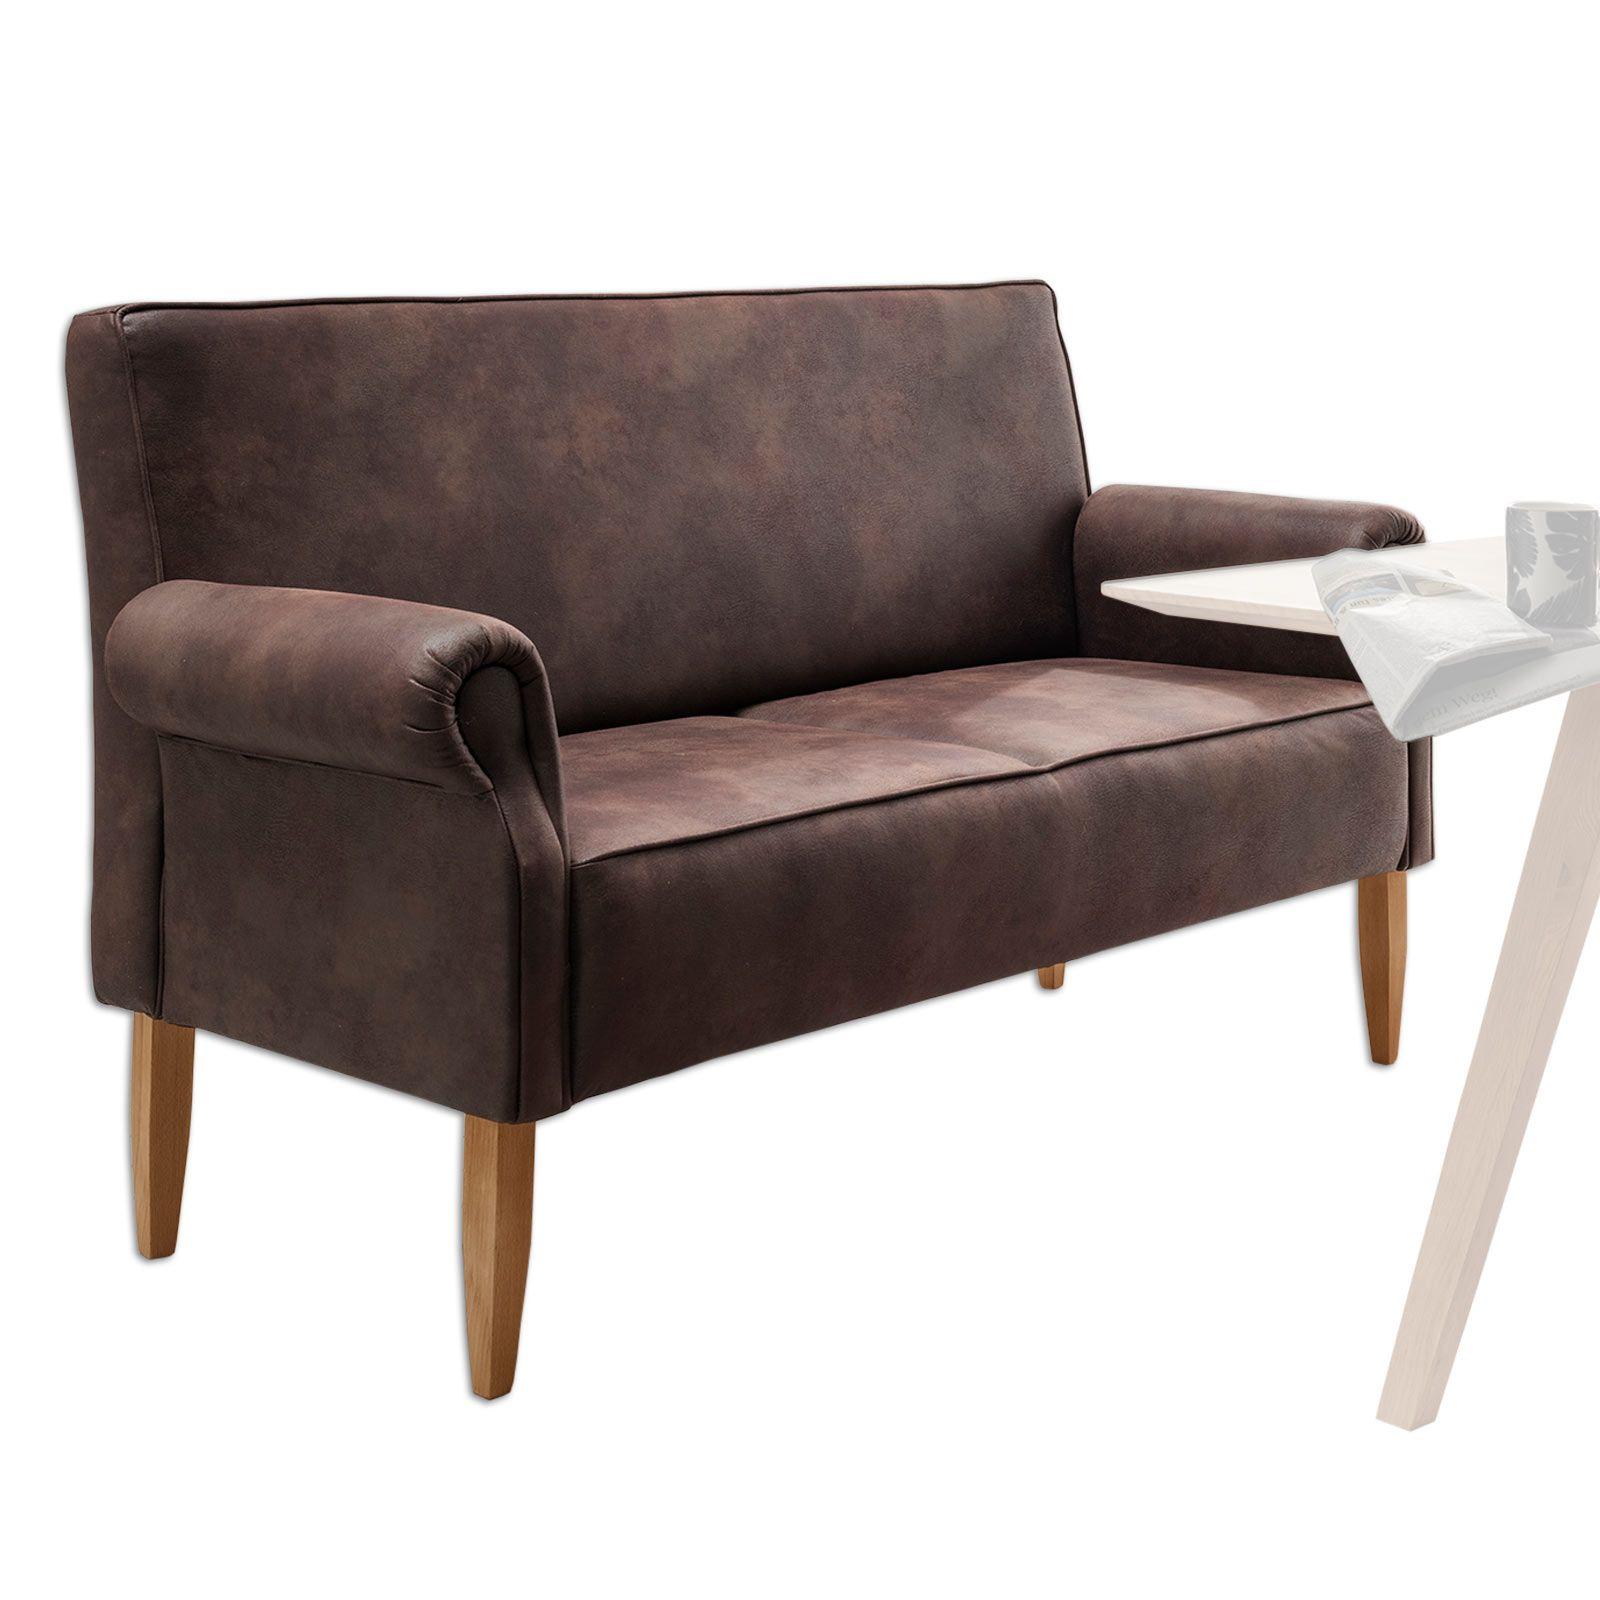 Ein Tischsofa Bringt Gemutlichkeit An Ihren Tisch Hohe Fusse